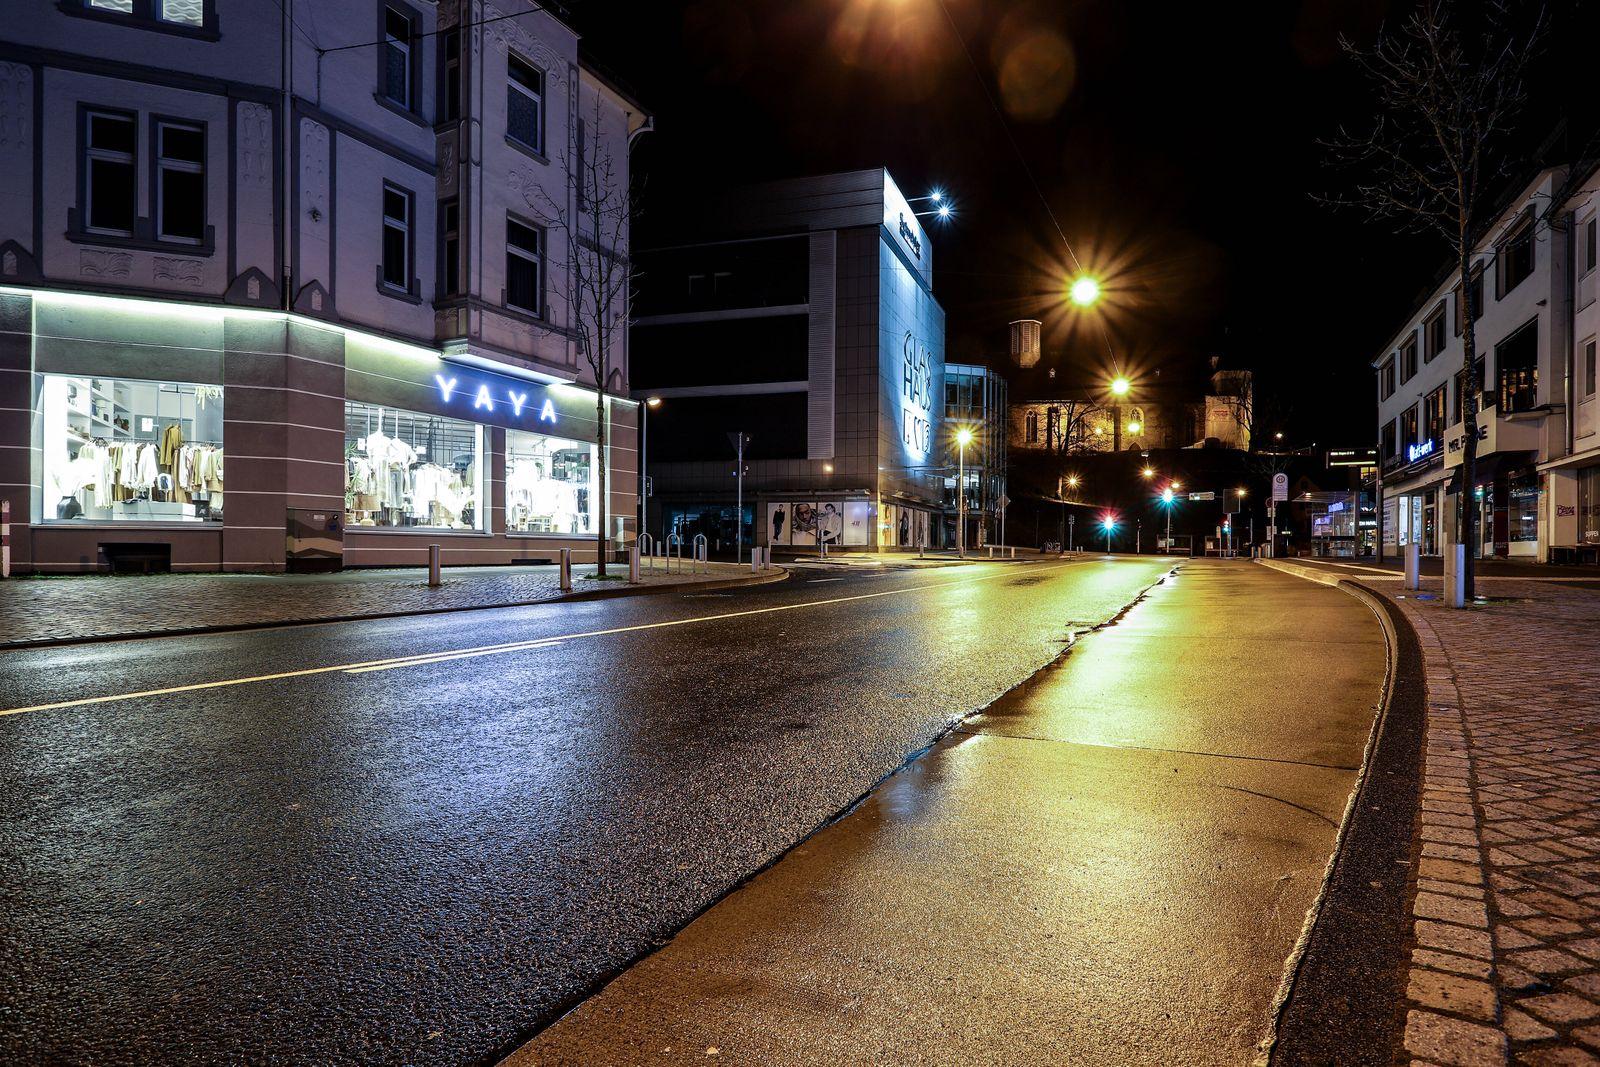 Der erste Abend der Ausgangsbeschraenkungen in Siegen, diese gilt von 21:00 Uhr - 05:00 Uhr, Blick zum Koelner (Kölner)